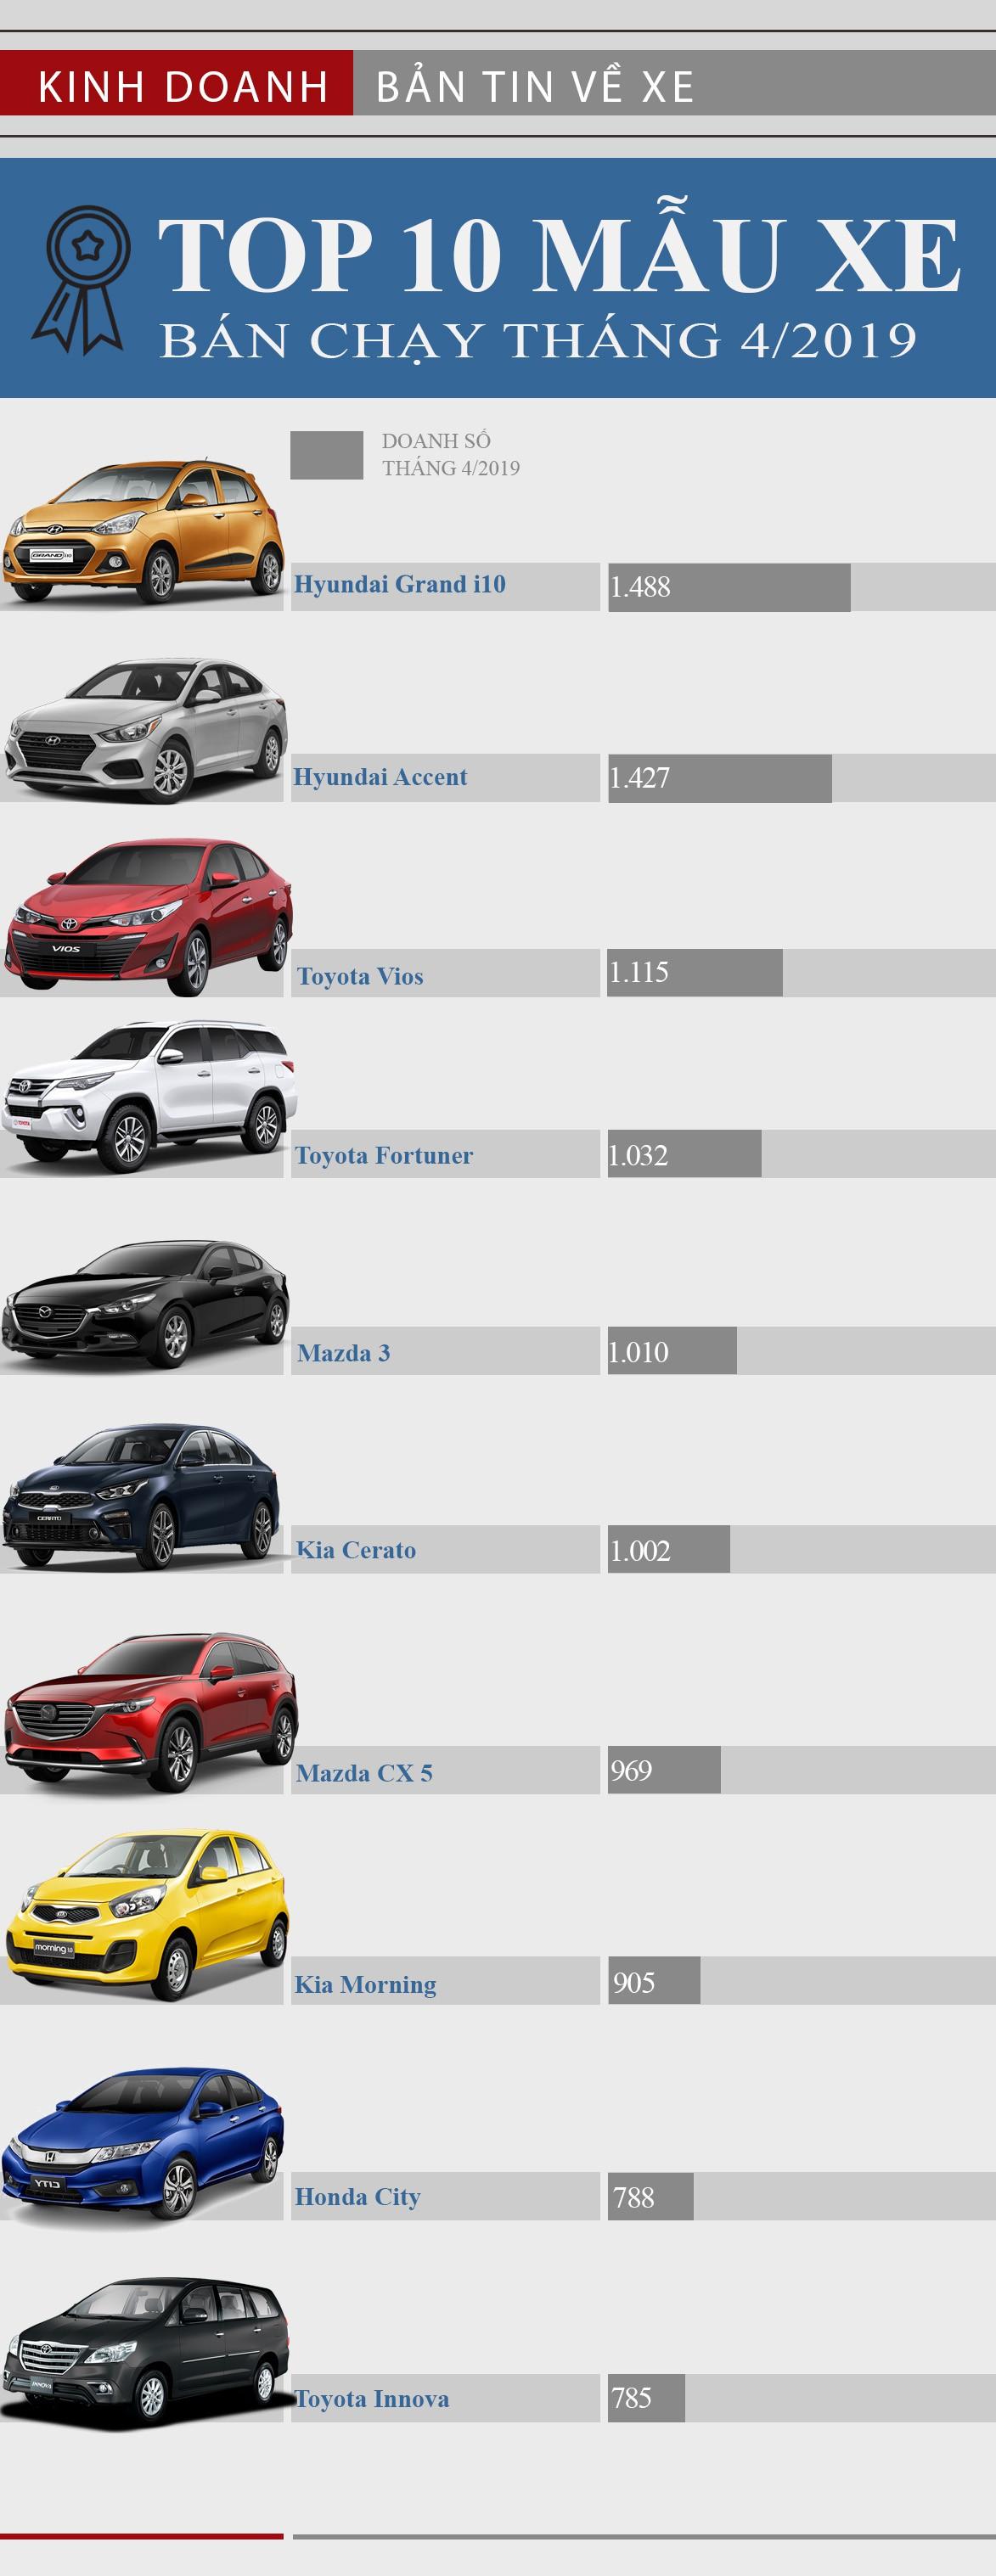 Top xe bán chạy nhất tháng 4/2019: Hyundai gây bất ngờ lớn - Ảnh 1.